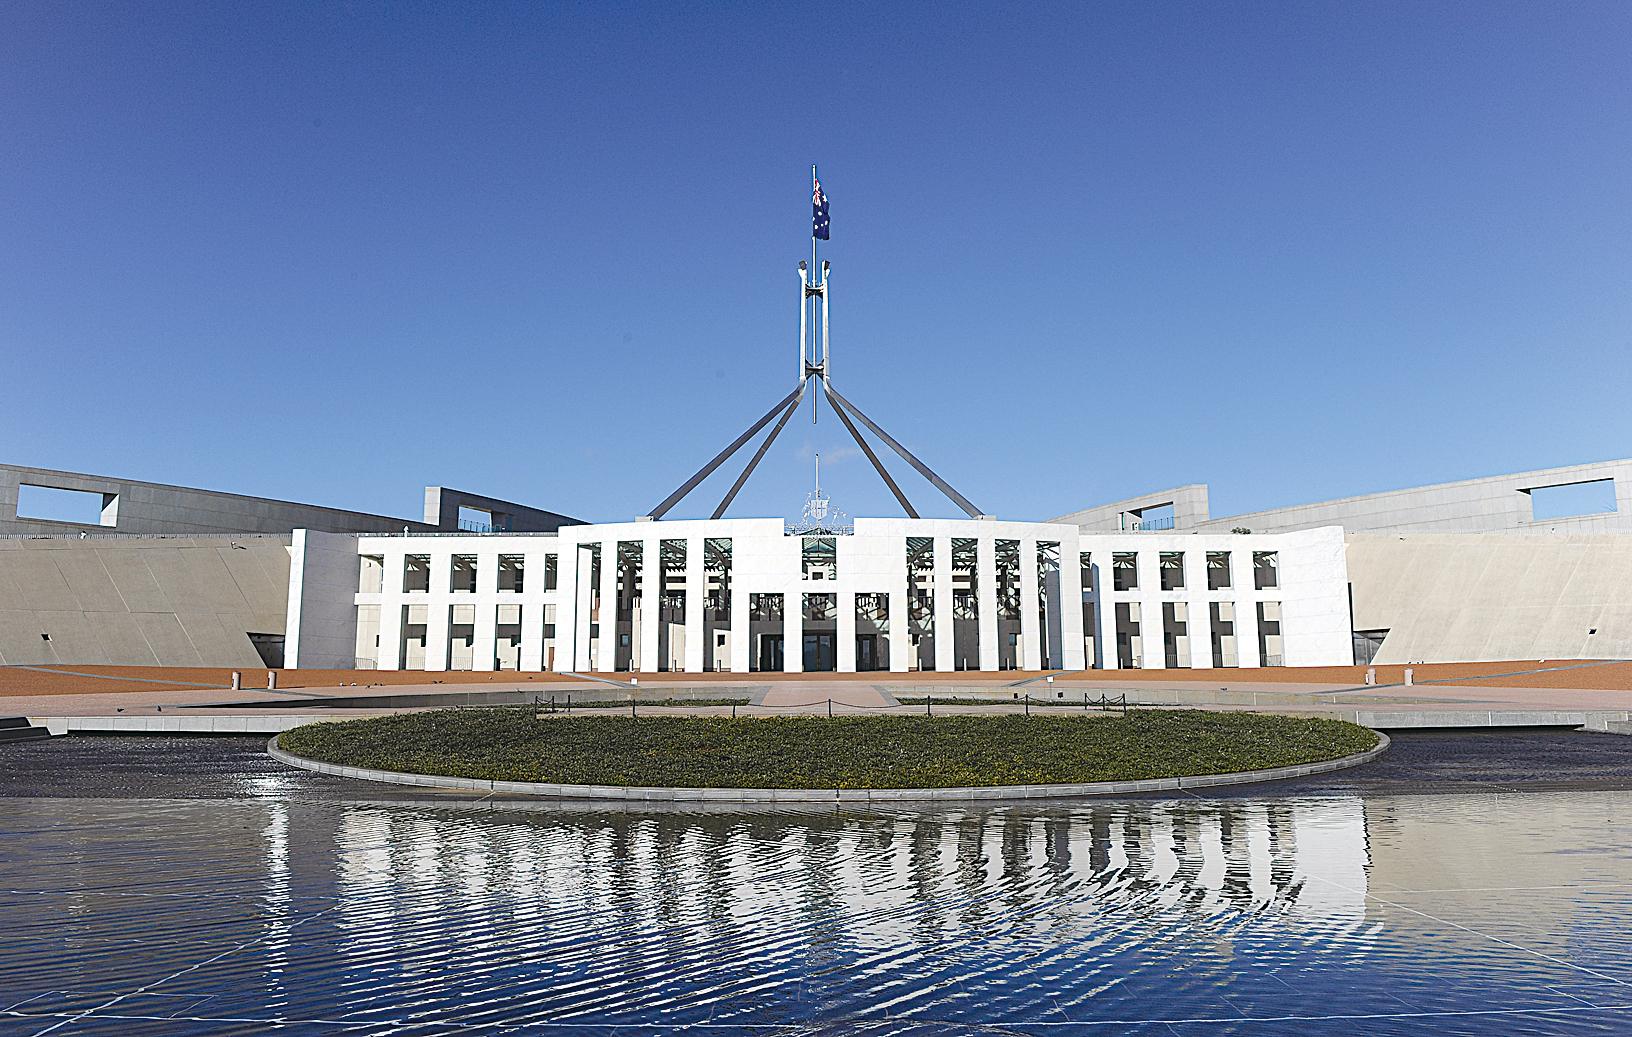 近日,澳洲著名親共僑領黃向墨的澳洲公民申請被拒絕,永久居留權被取消,引發關注。圖為澳洲坎培拉國會大廈。(TORSTEN BLACKWOOD/AFP/Getty Images)